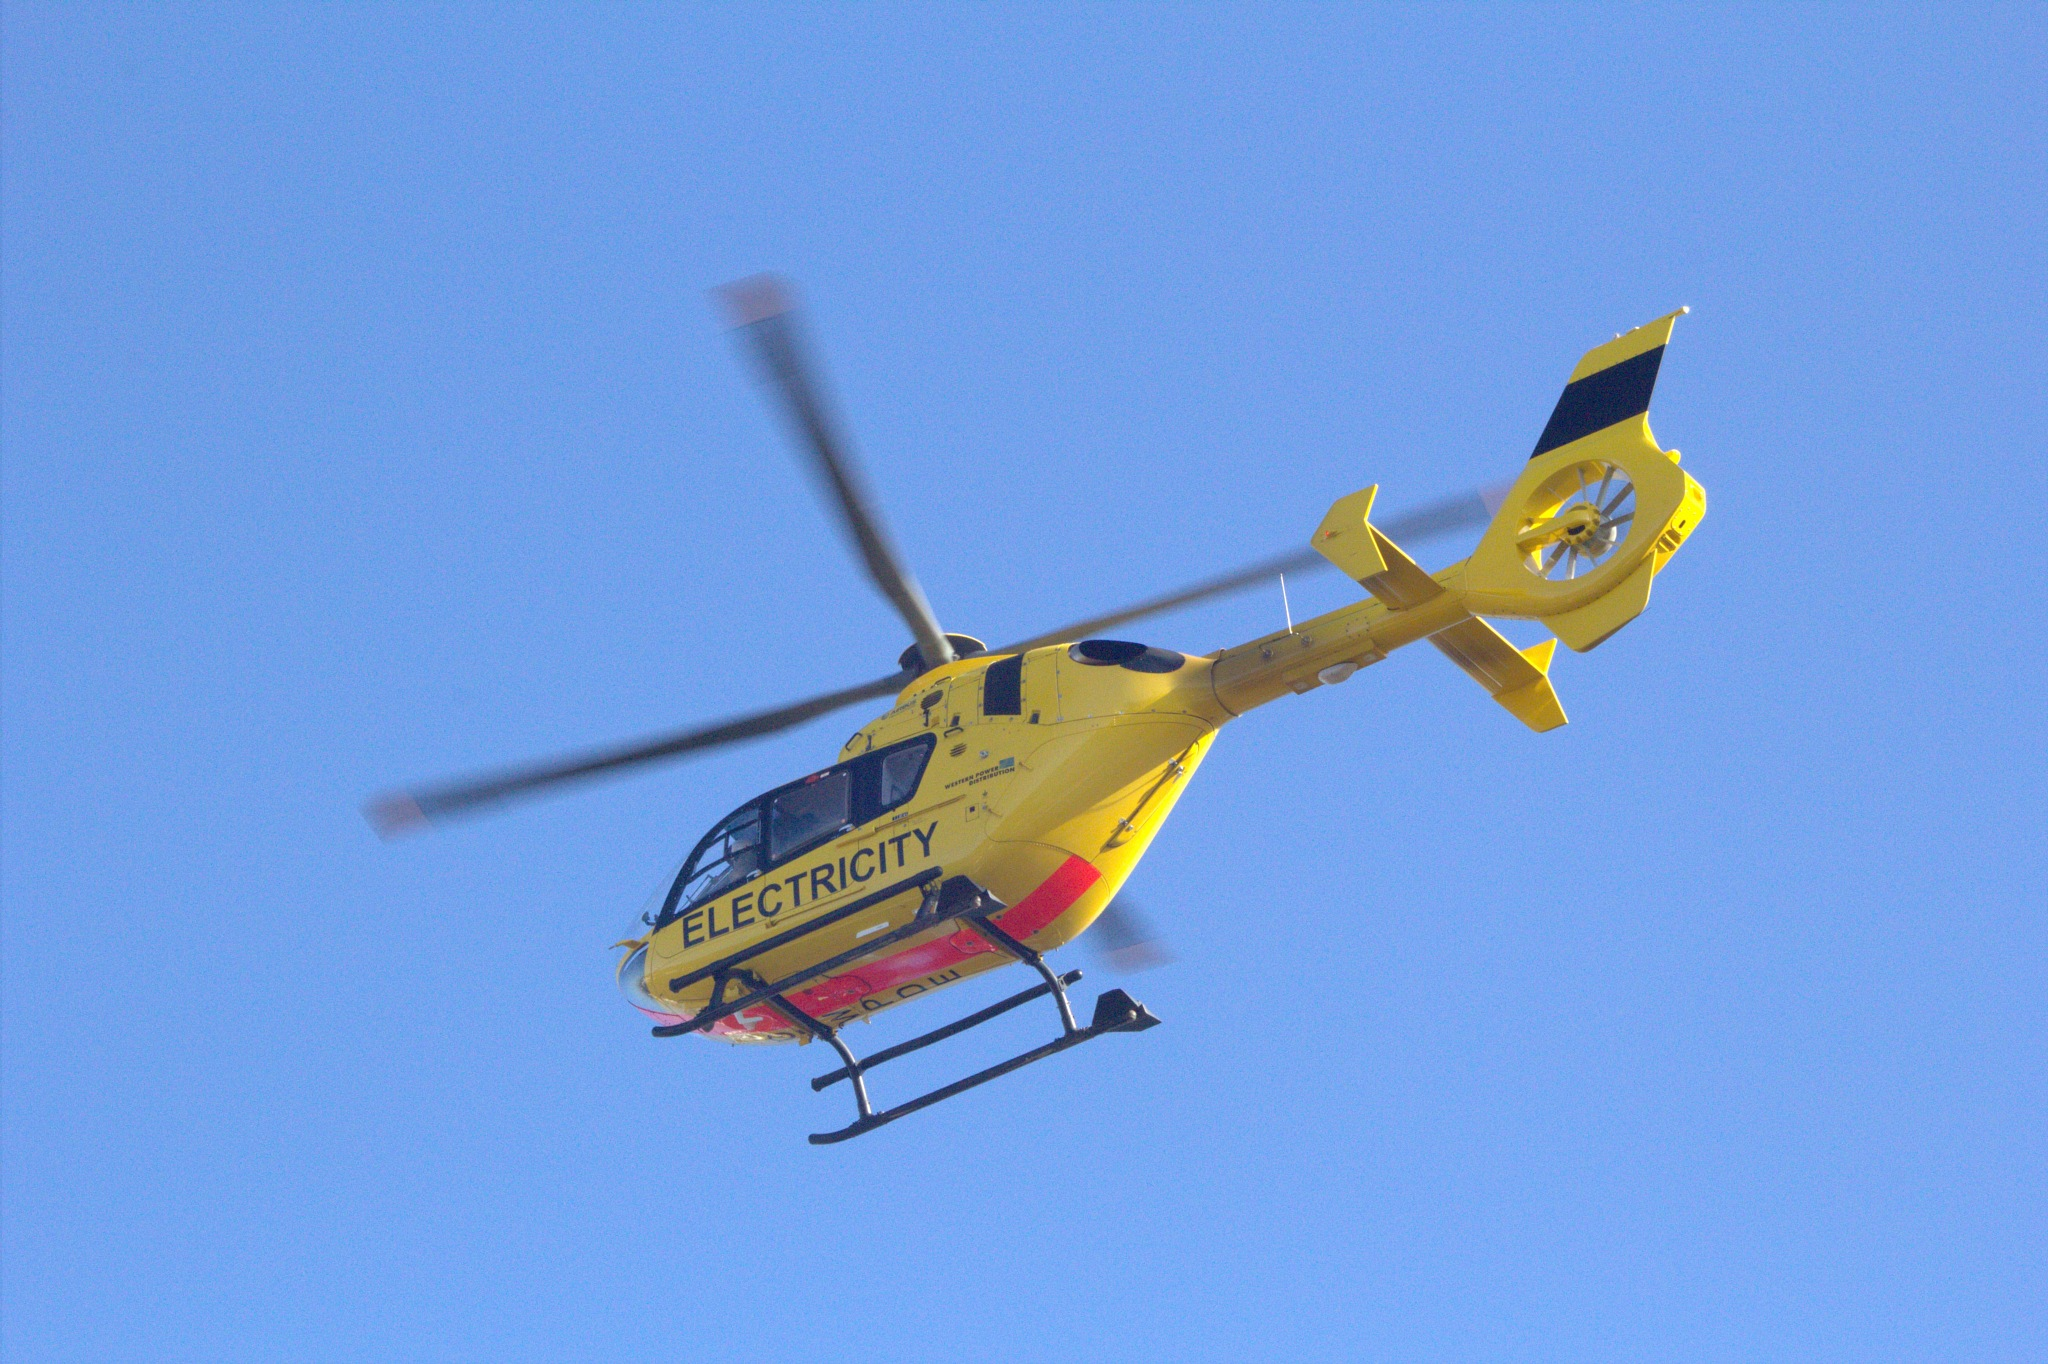 Chopper by Rich66